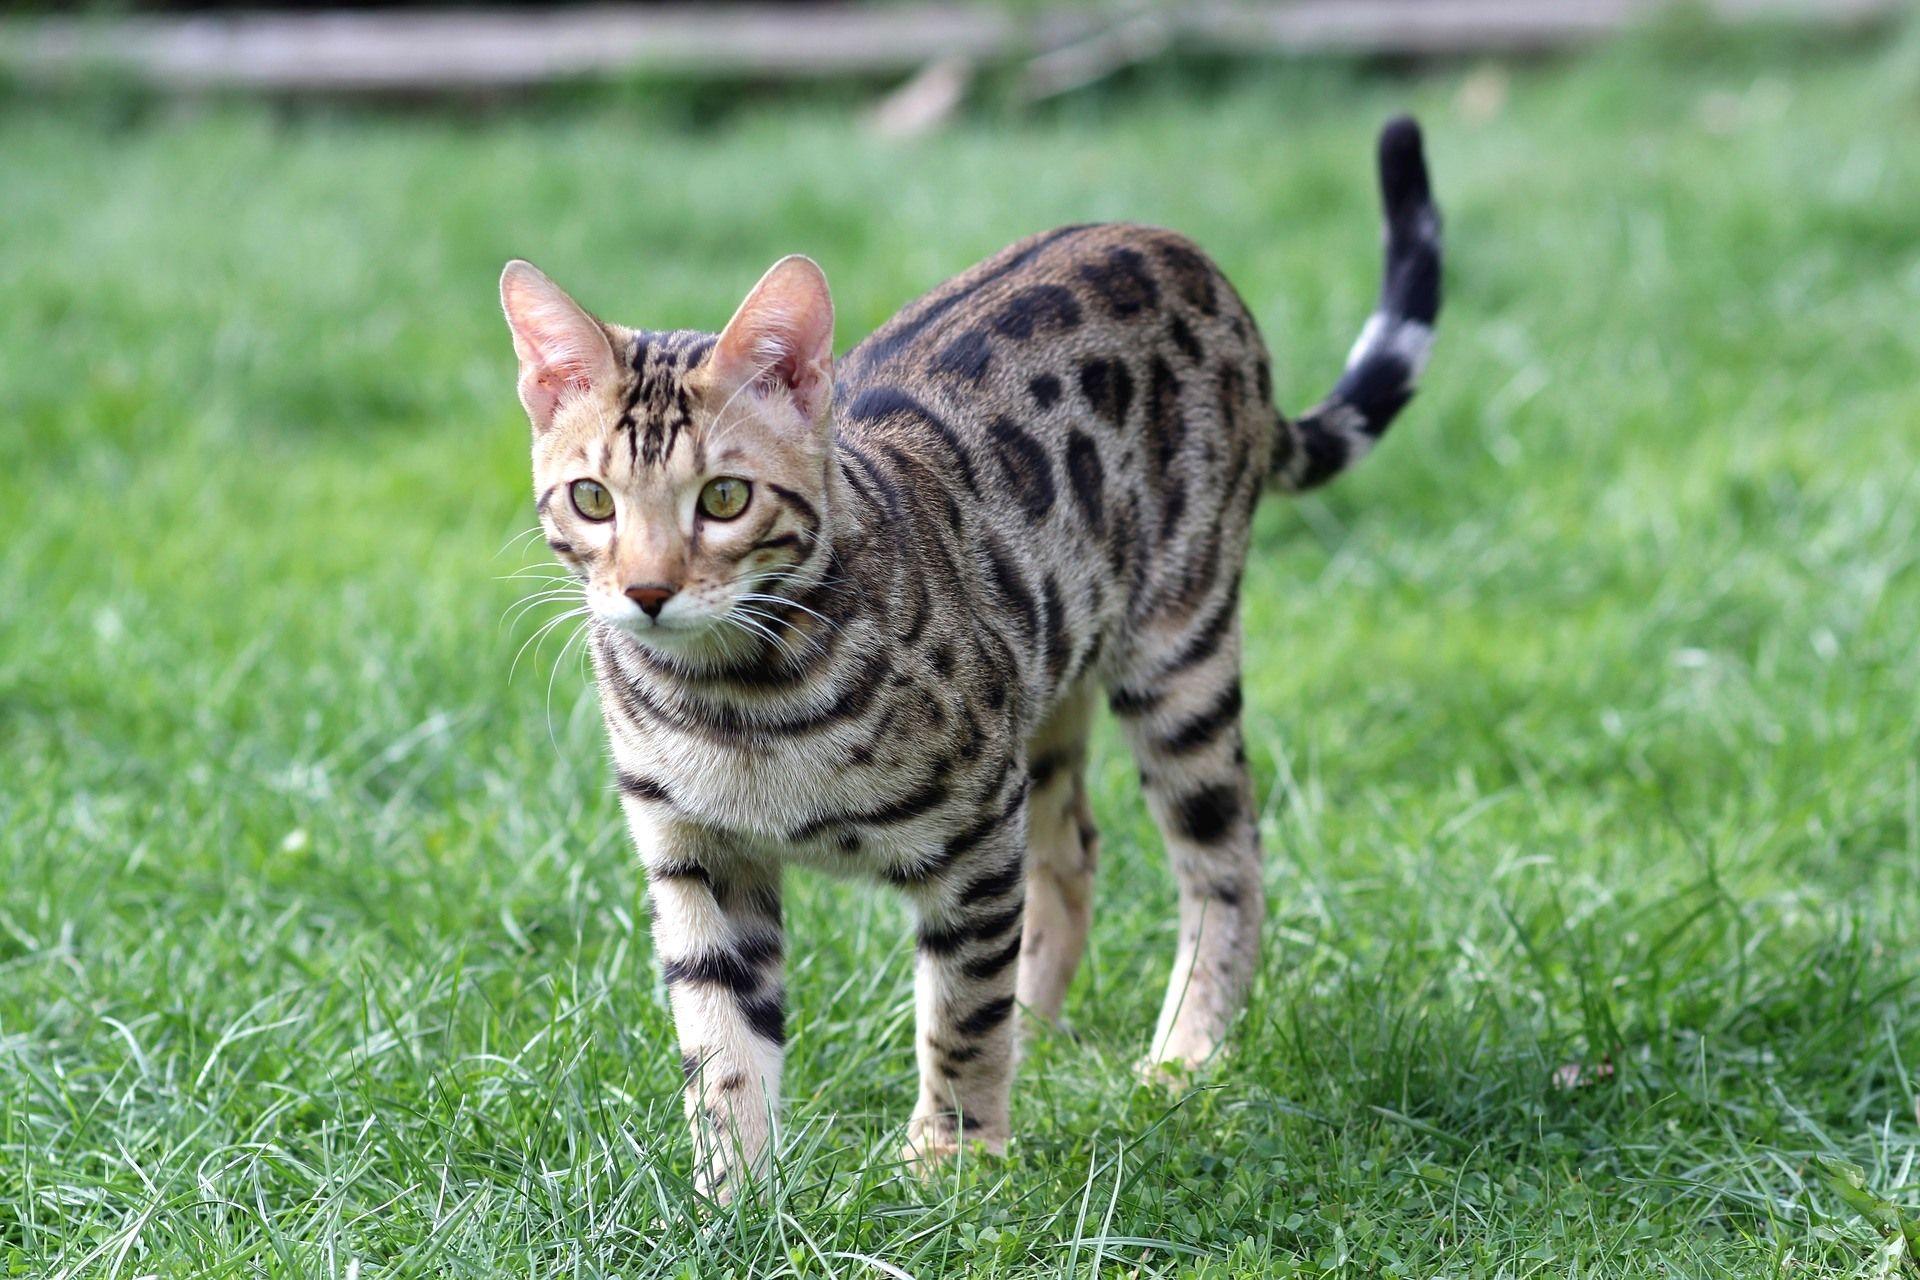 alergias a los gatos - gato bengali 2